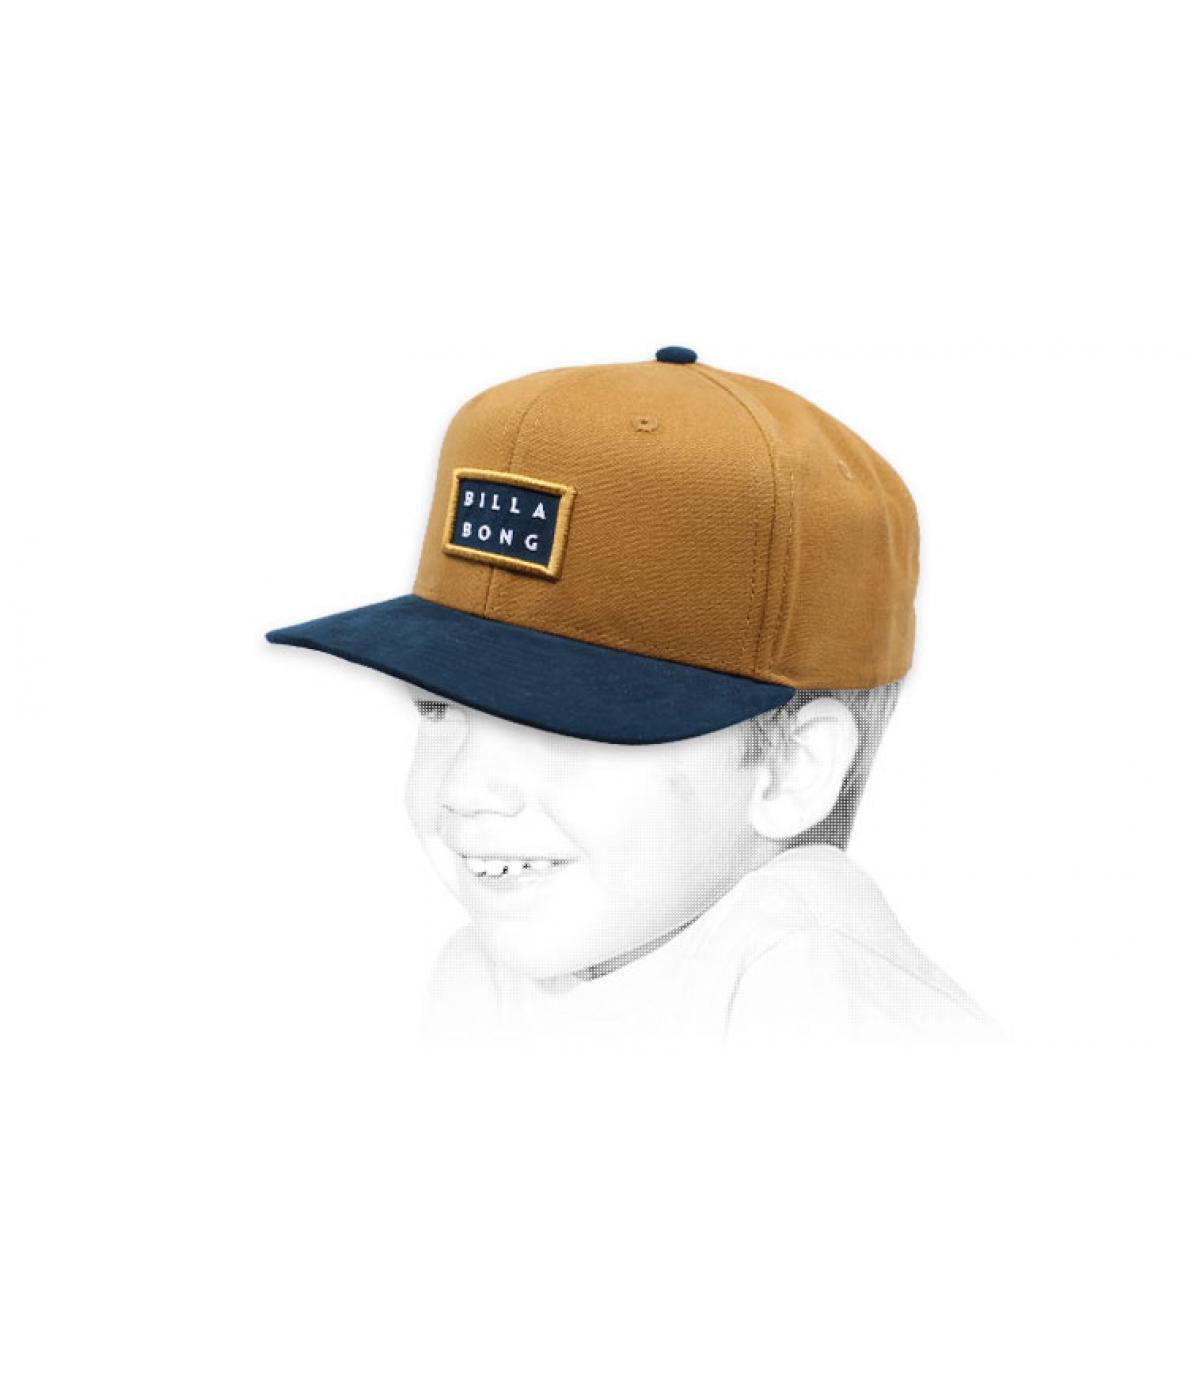 Billabong child cap beige